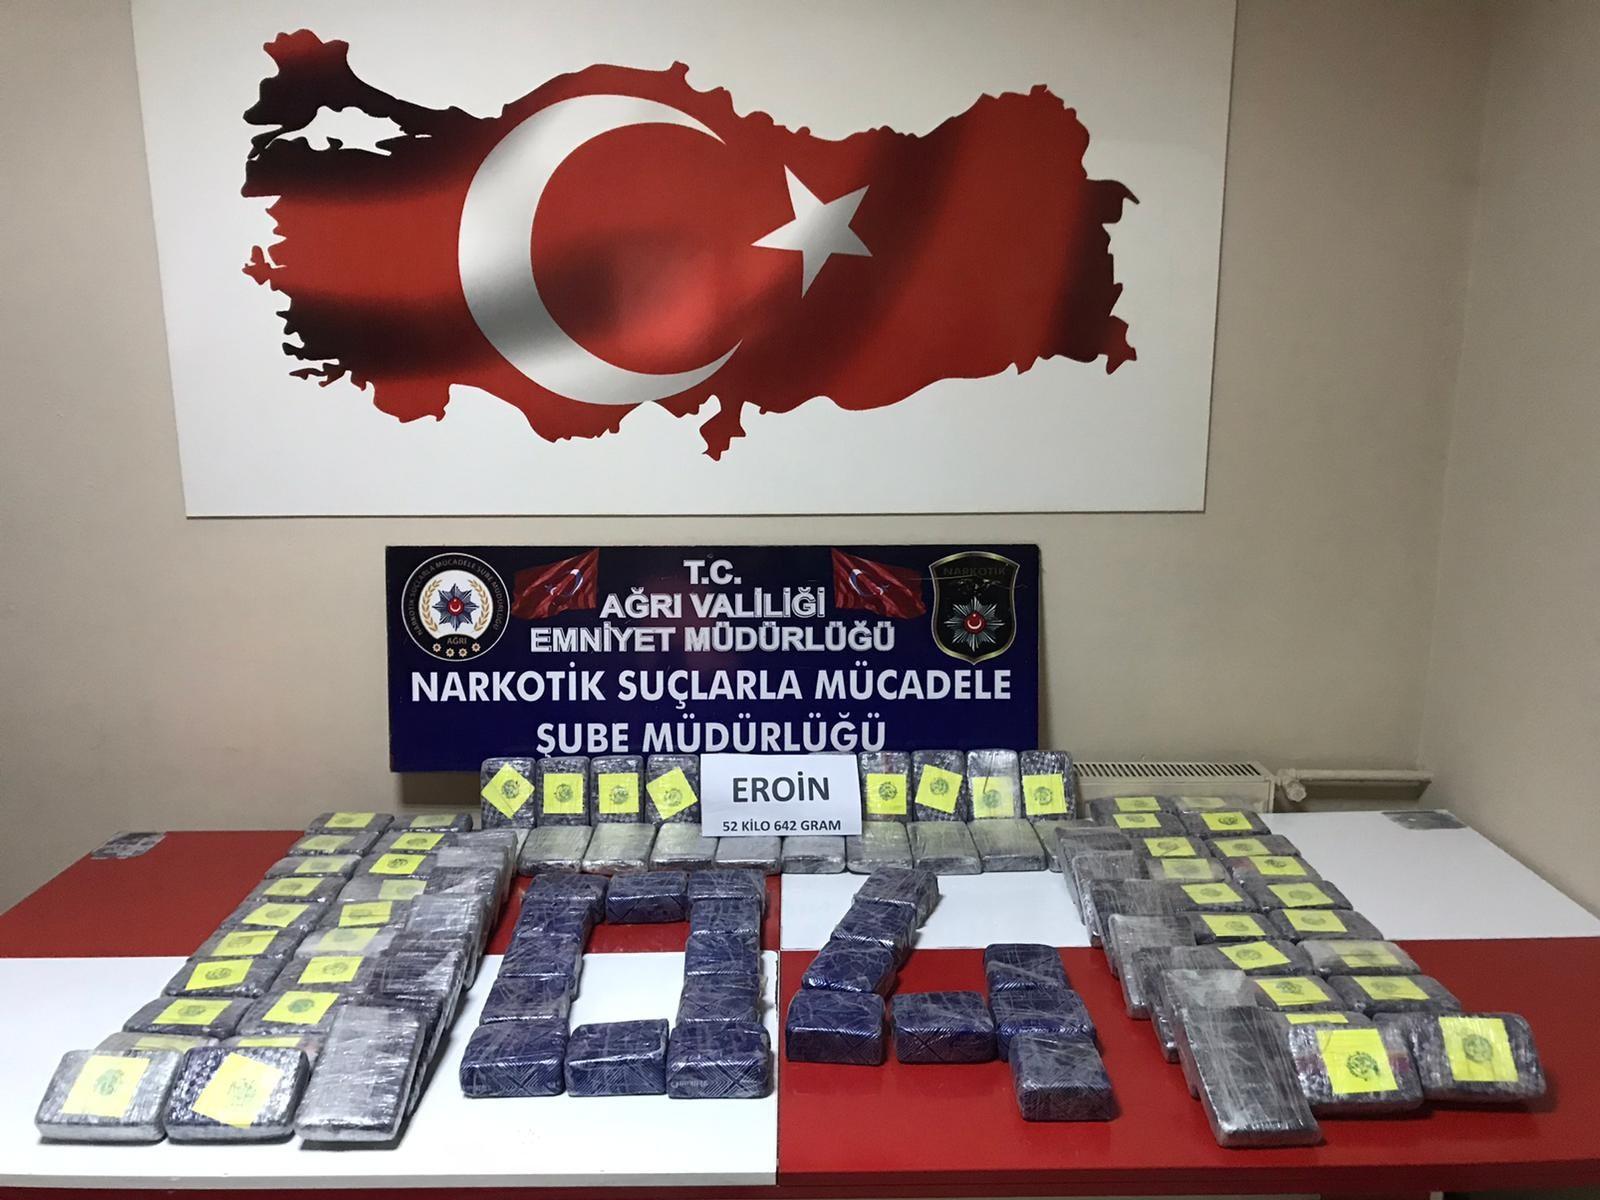 Avrupa ülkelerine gidecek olan 52 kilo eroin ele geçirildi